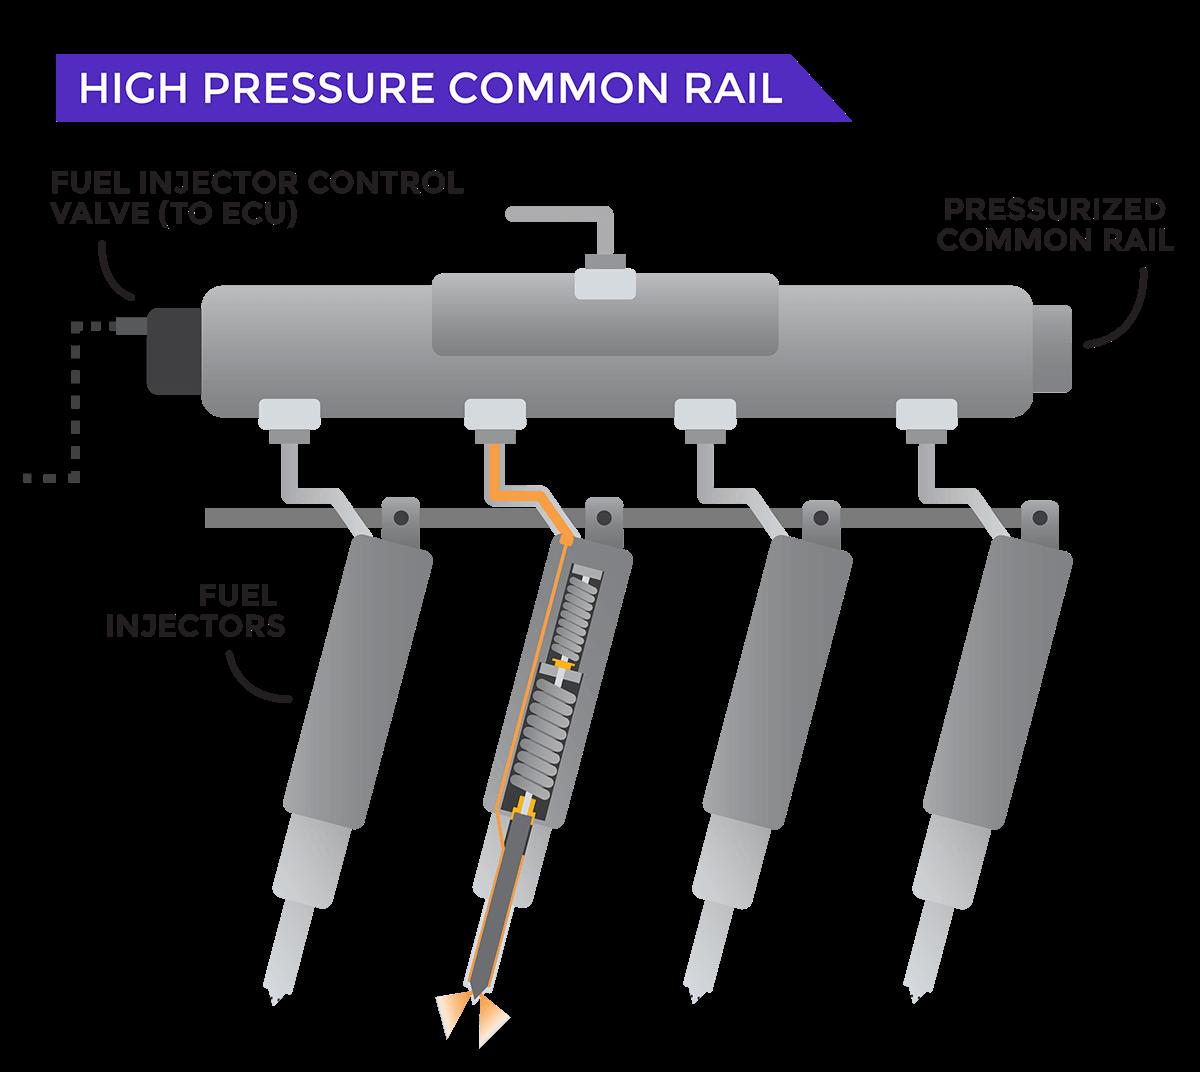 High Pressure Common Rail Graphic